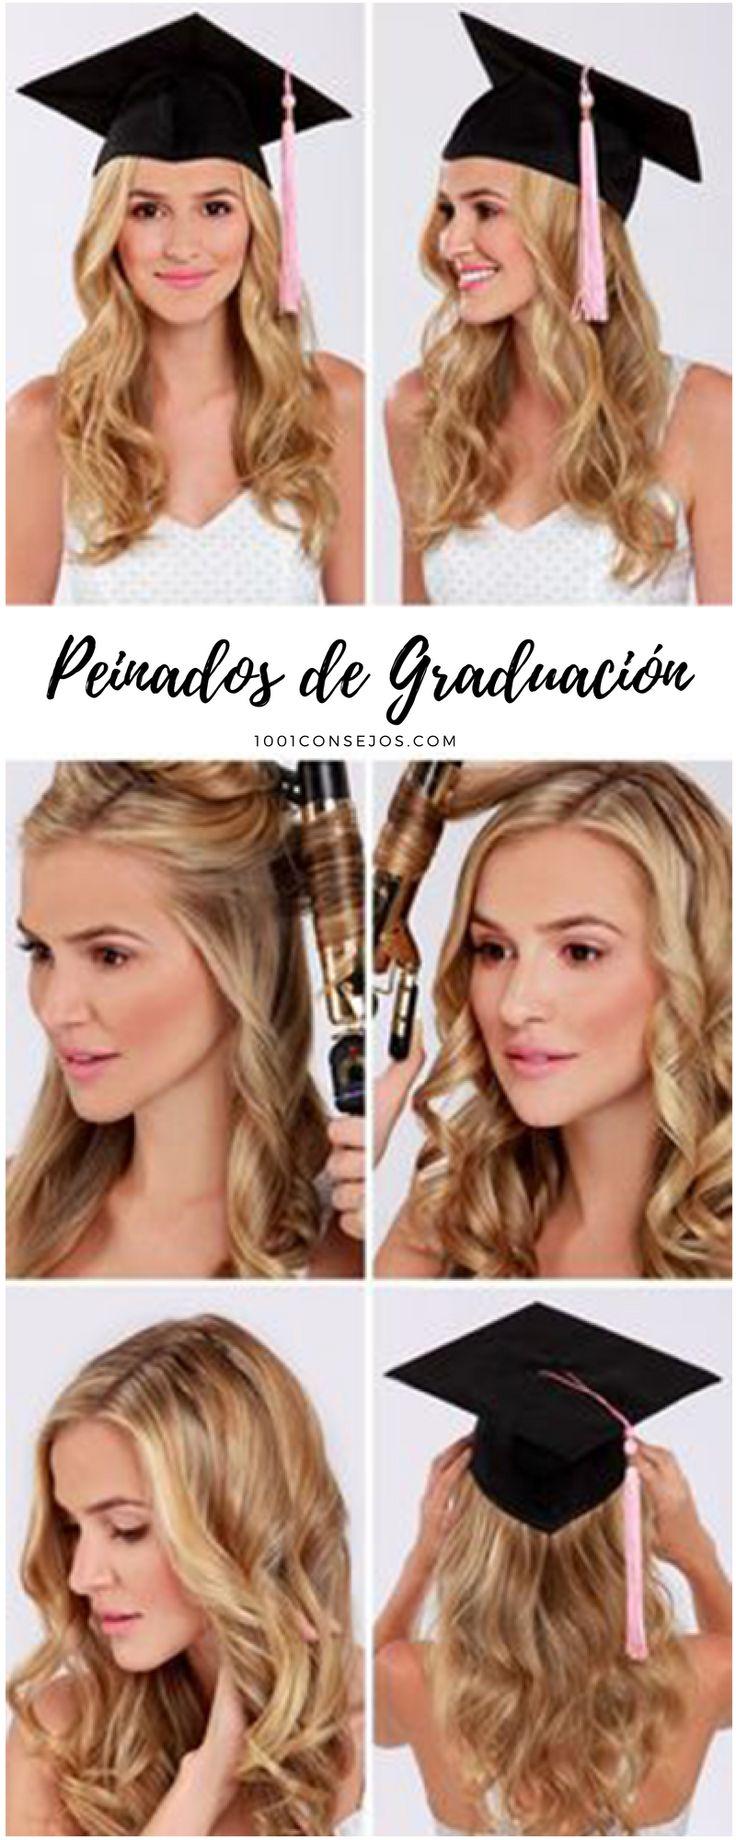 Luce perfecta en el día de tu graduación con estos peinados. | graduación peinados | peinados de fiesta suelto | peinados para graduacion sueltos ondas | #peinados #graduacion